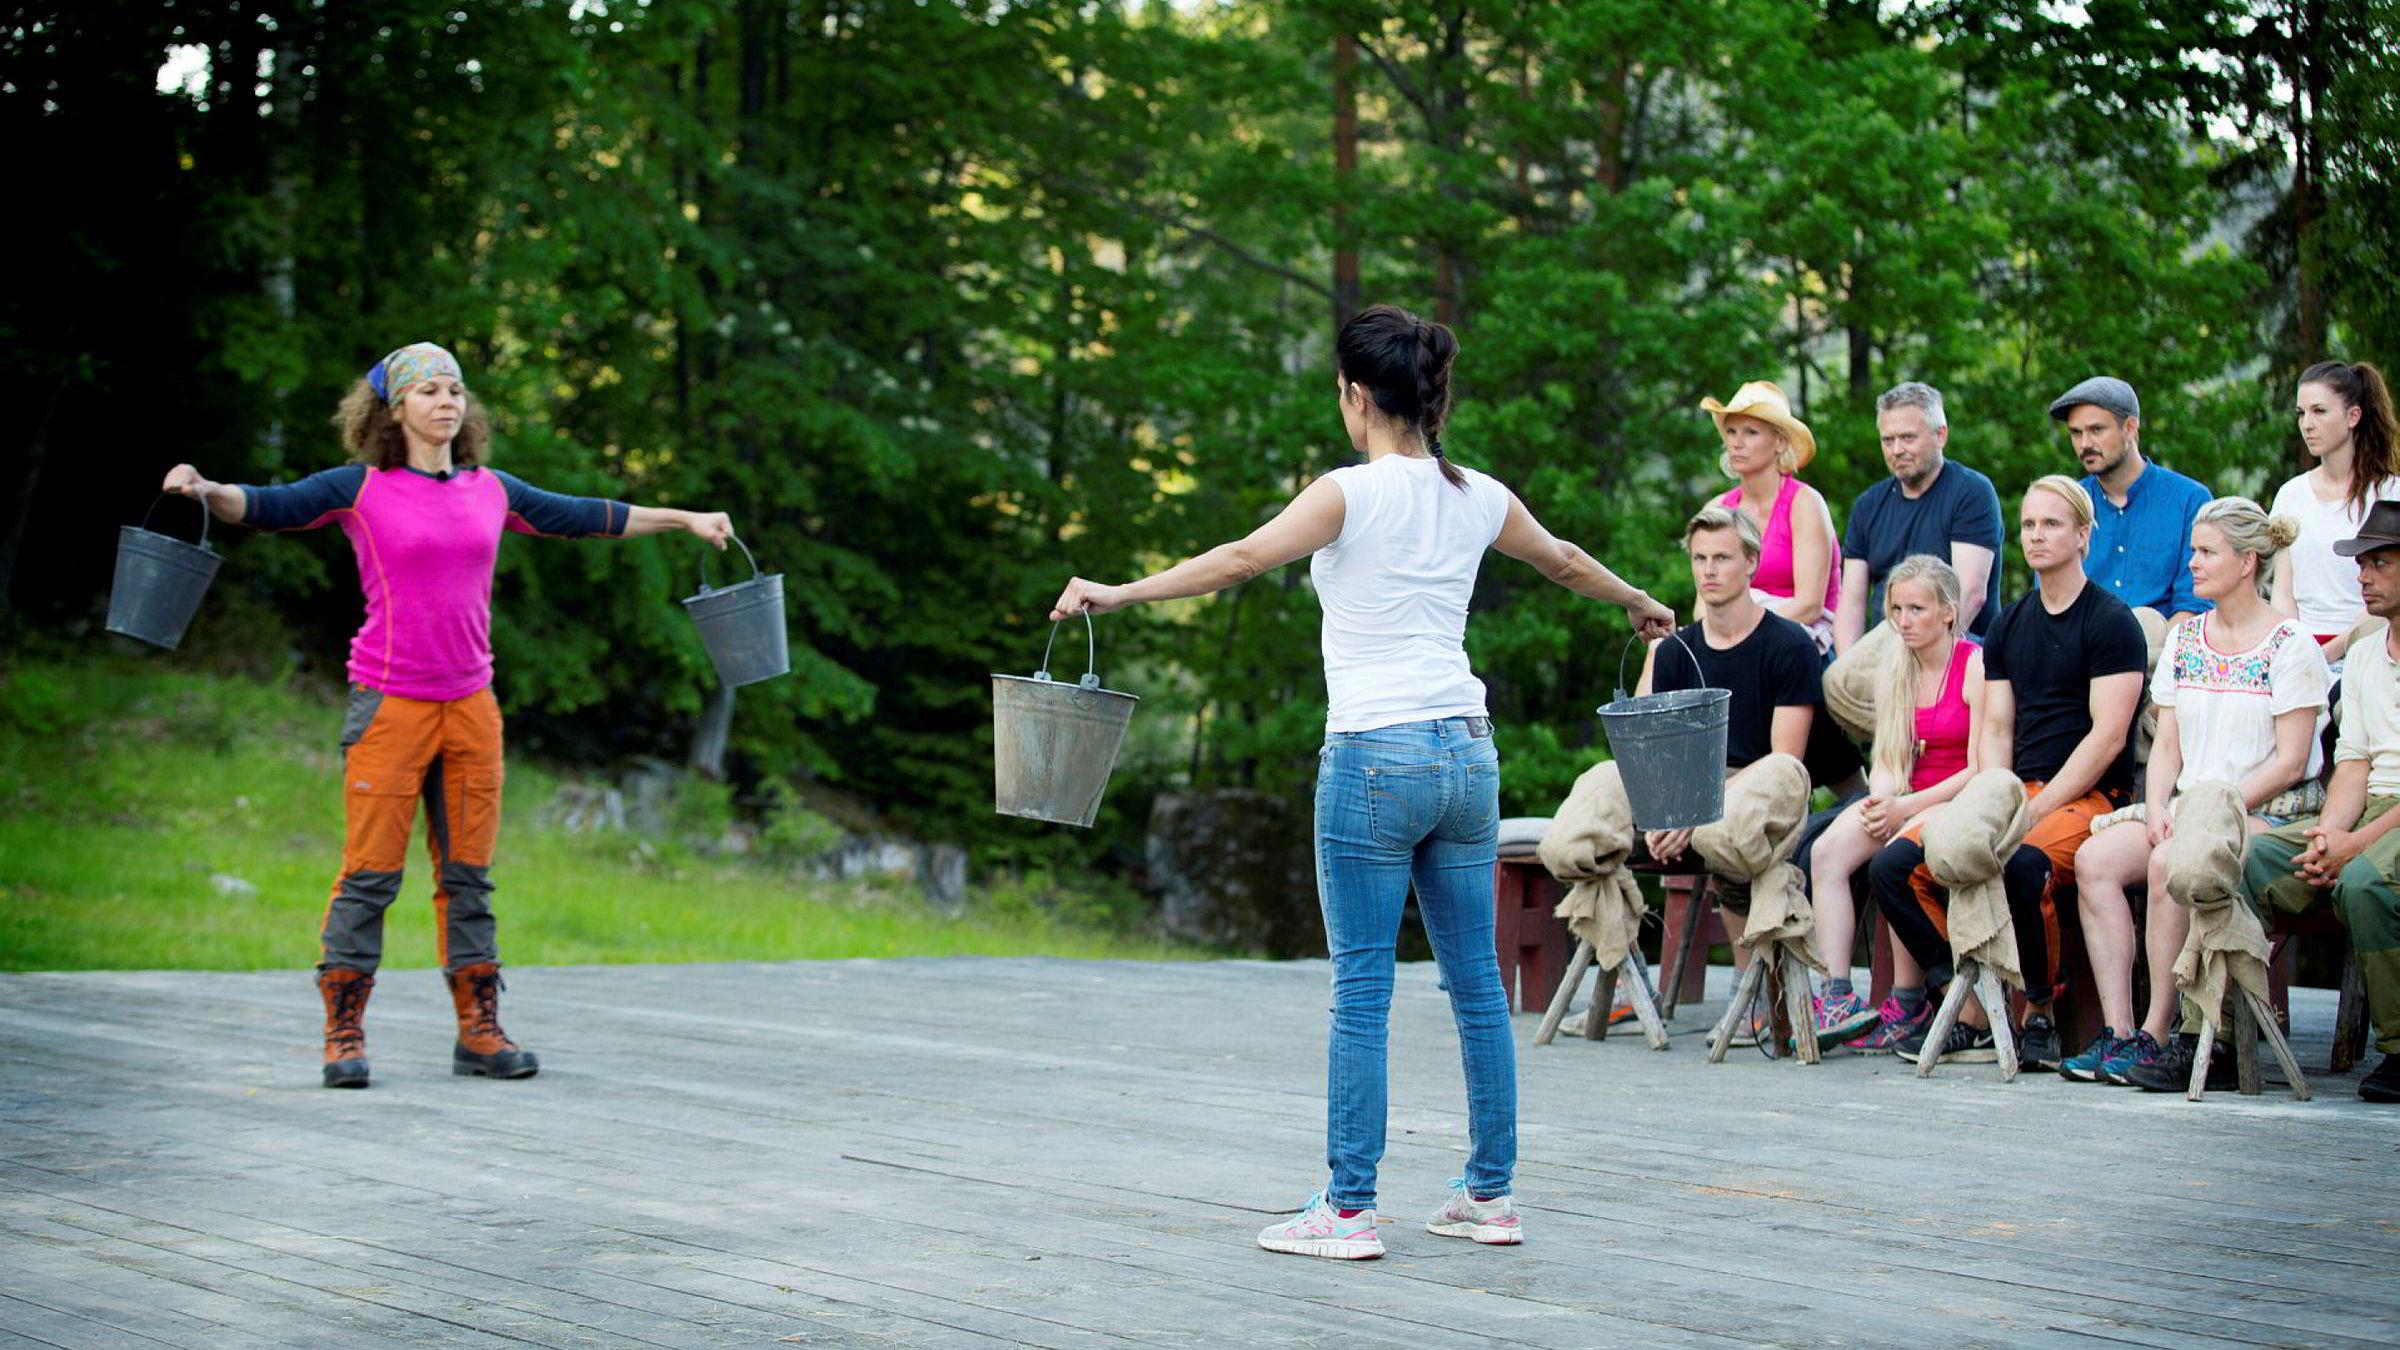 Aylar Lie (ryggen til) satte «Farmen»-rekord da hun holdt melkespannene i 8,27 minutter og slo ut Kari Jaquesson i realityprogrammets tvekamp. På benken følger Lavrans Solli (fra venstre), Ingeborg Luedlow, Lars Barmen, Tonje Helene Blomseth, Petter Pilgaard, Tore Petterson, Vendela Maria Kirsebom, Ida Gran-Jansen og Leif-Einar «Lothepus» Lothe spent med.